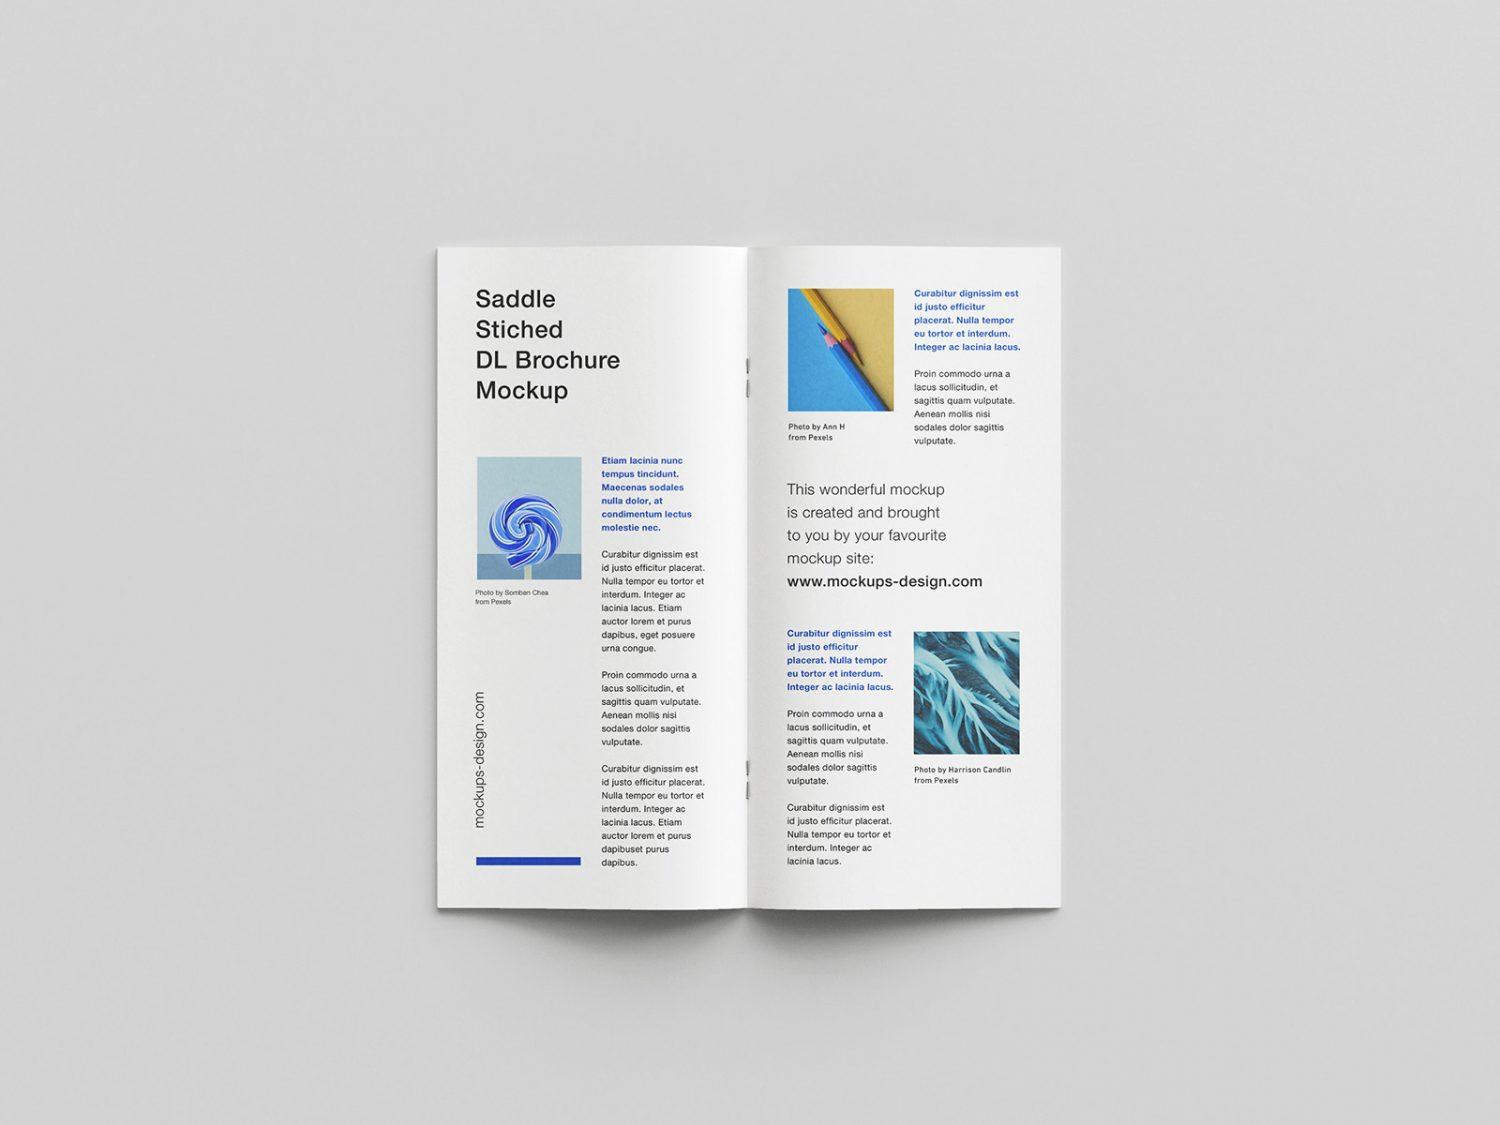 Saddle-Stitched DL Brochure Free Mockup